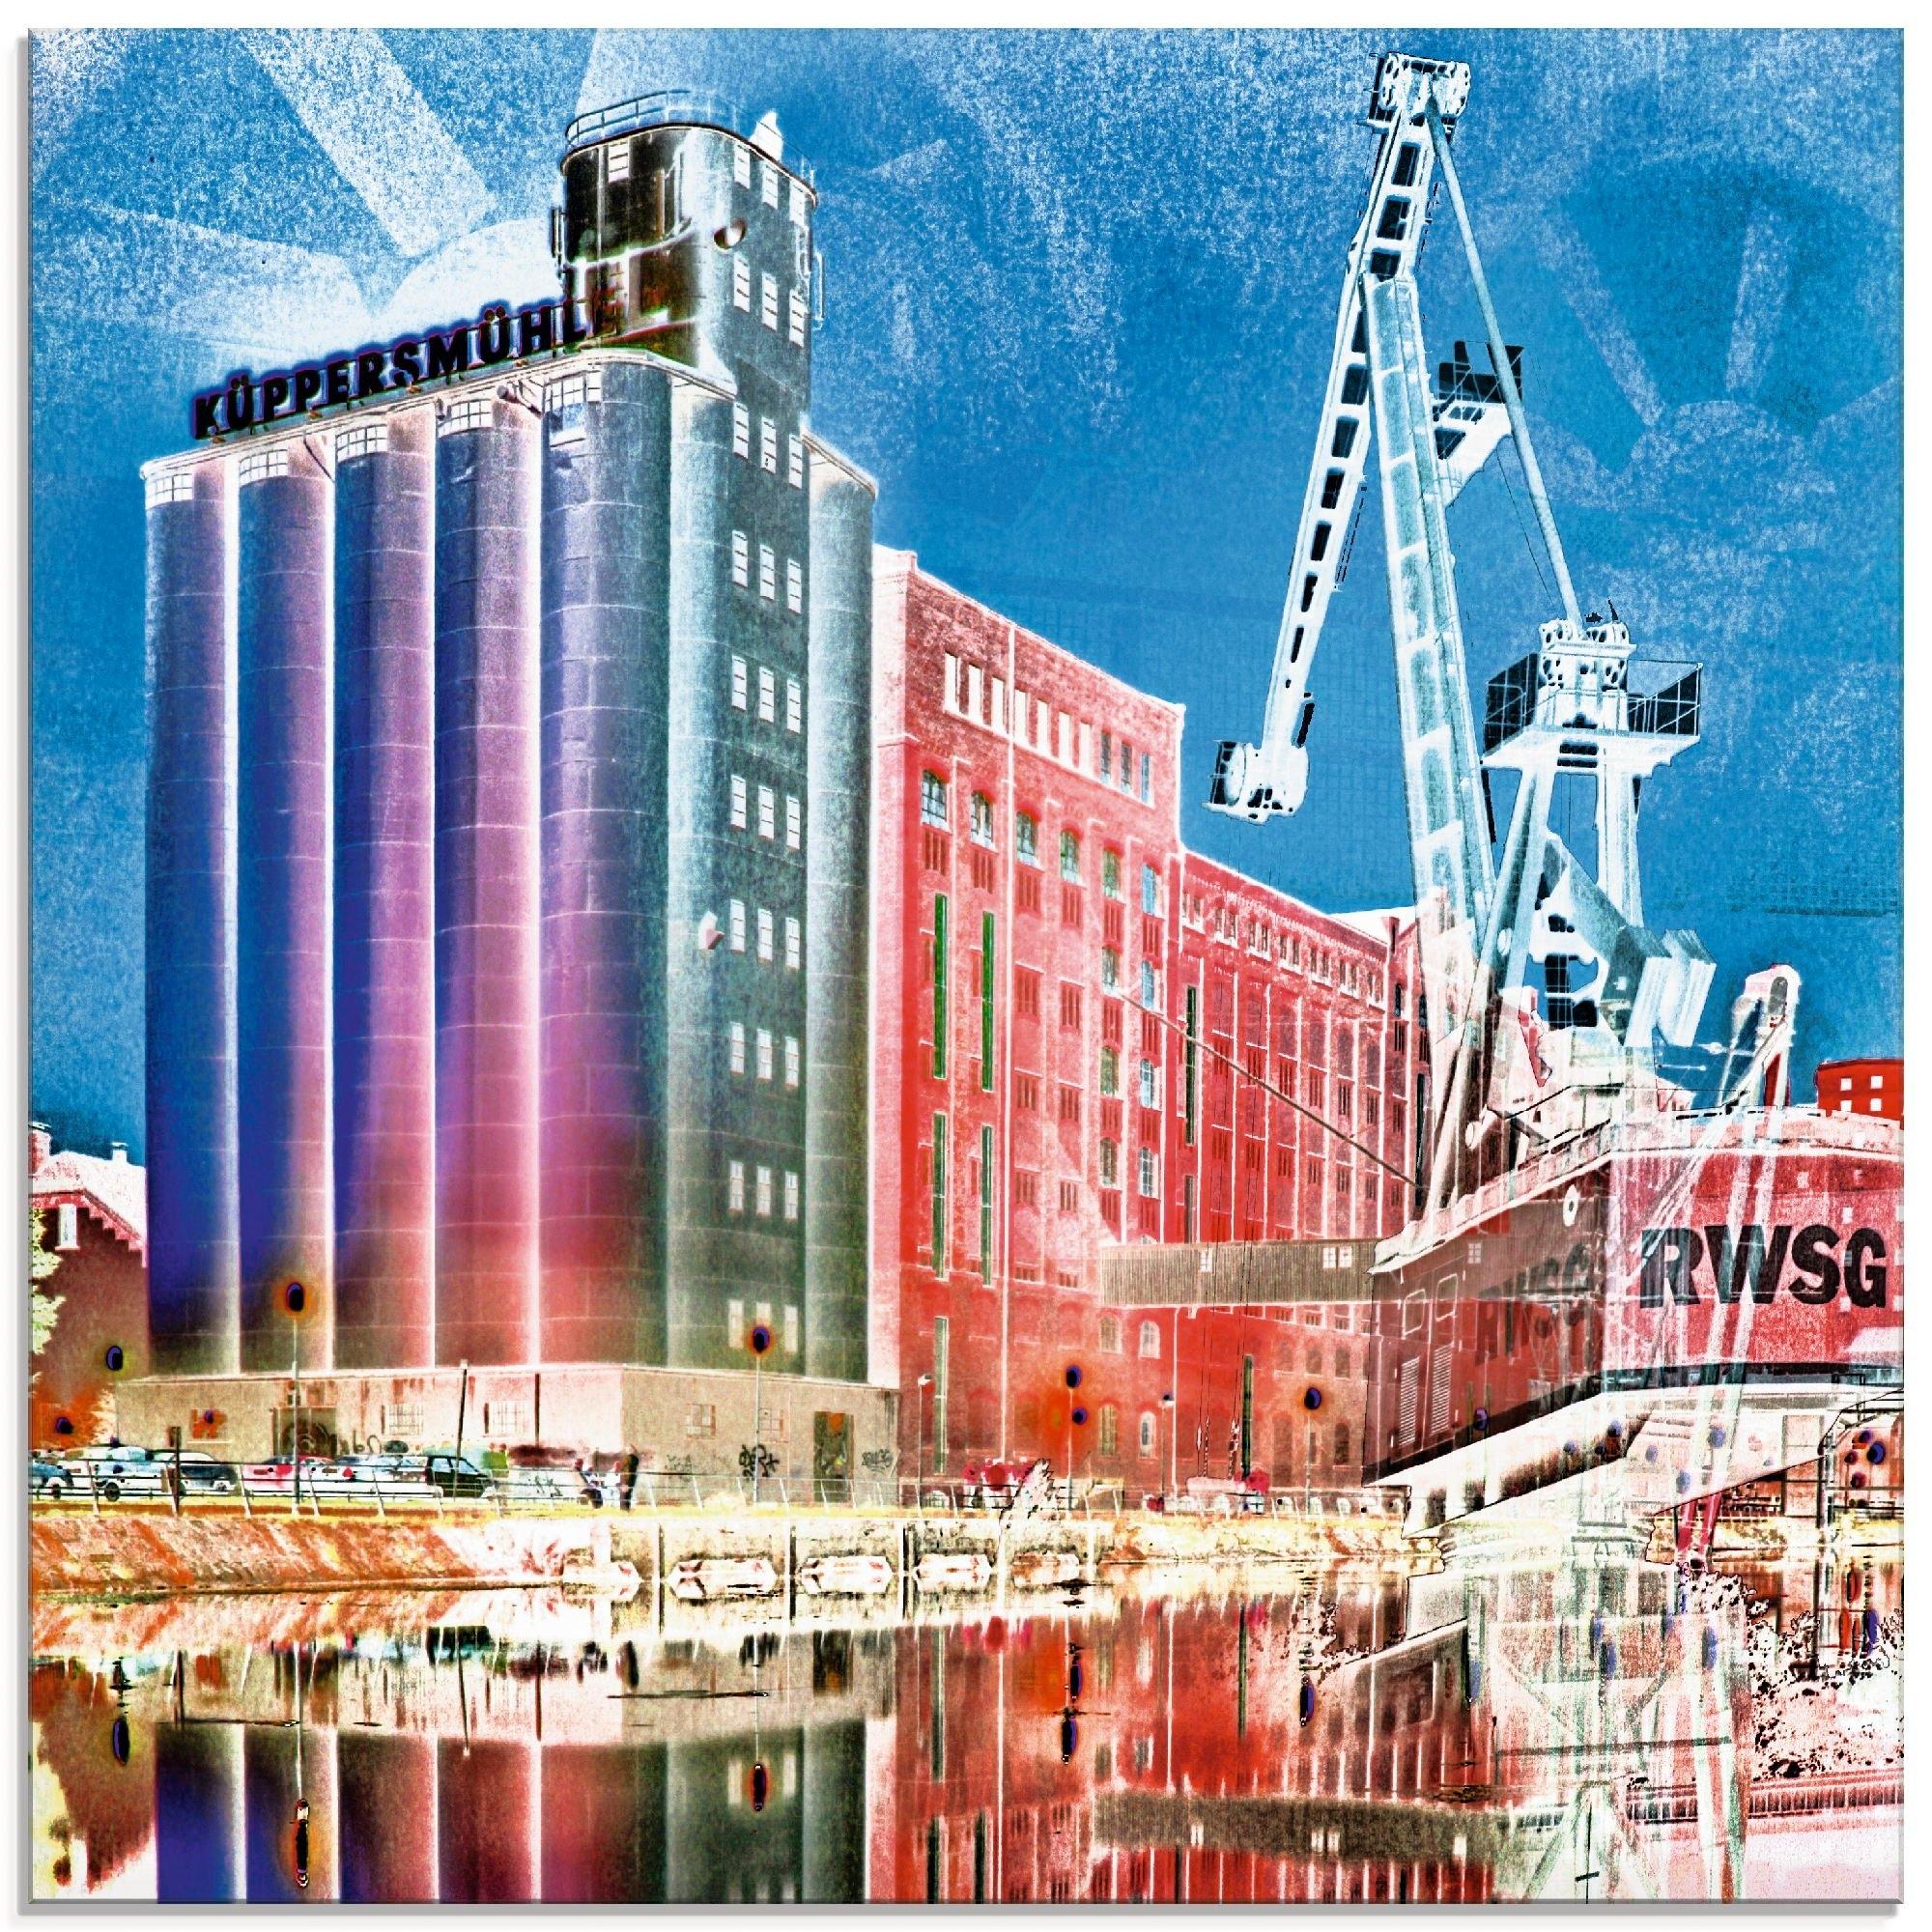 Artland print op glas Duisburg skyline collage II (1 stuk) - gratis ruilen op otto.nl